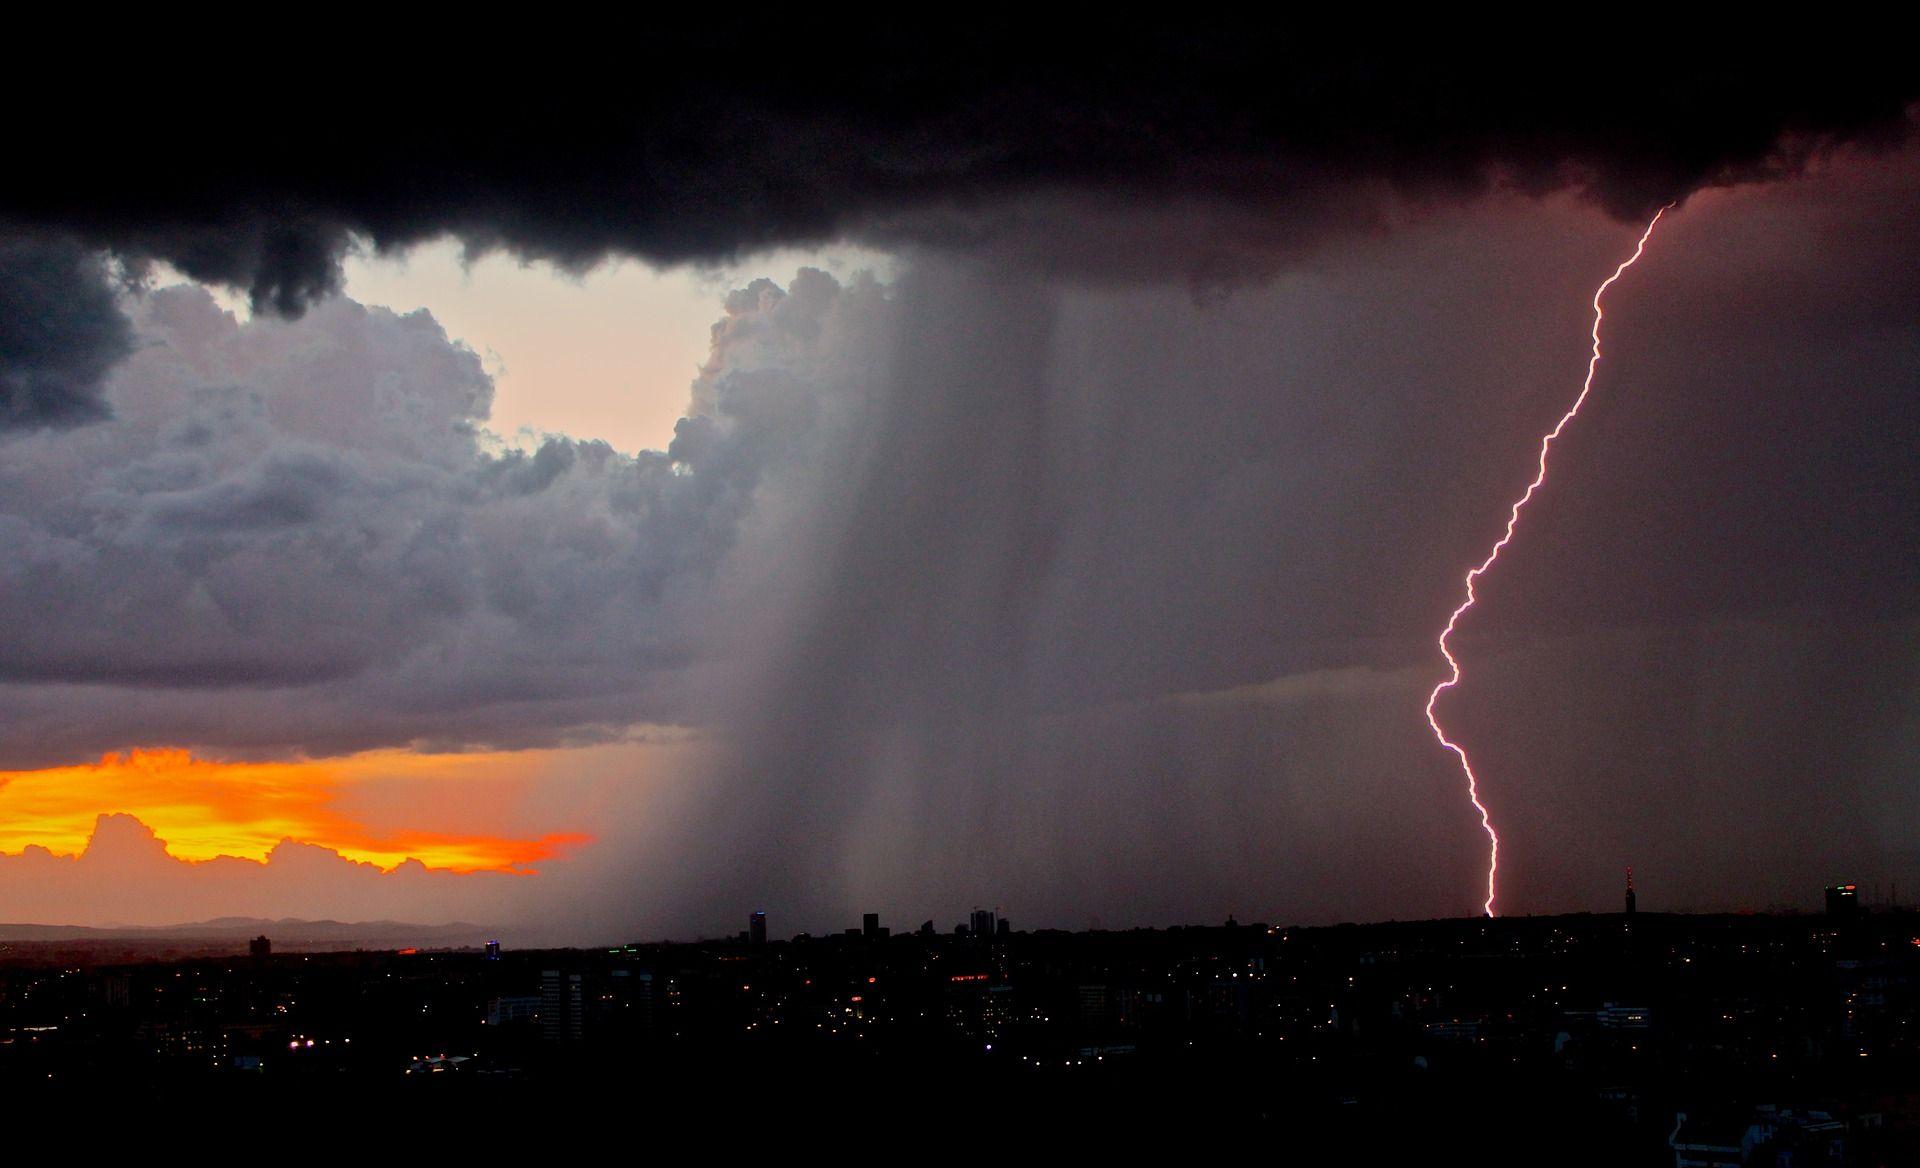 En First Technology, Inc. estamos para ofrecer Información y datos técnicos sobre la implementación de sistemas de protección contra rayos y tormentas